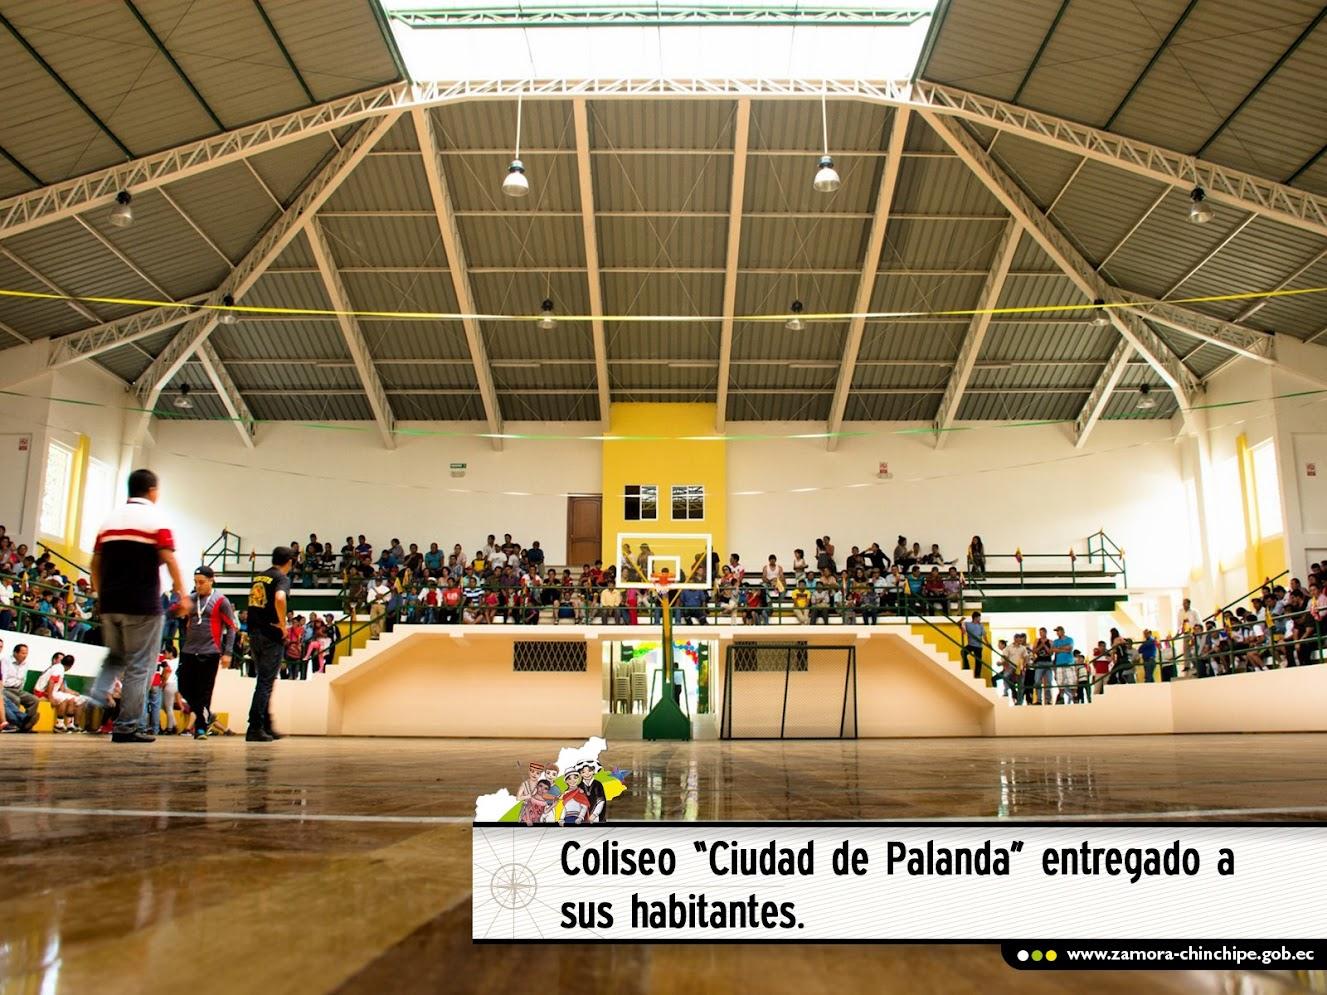 COLISEO CIUDAD DE PALANDA ENTREGADO A SUS HABITANTES